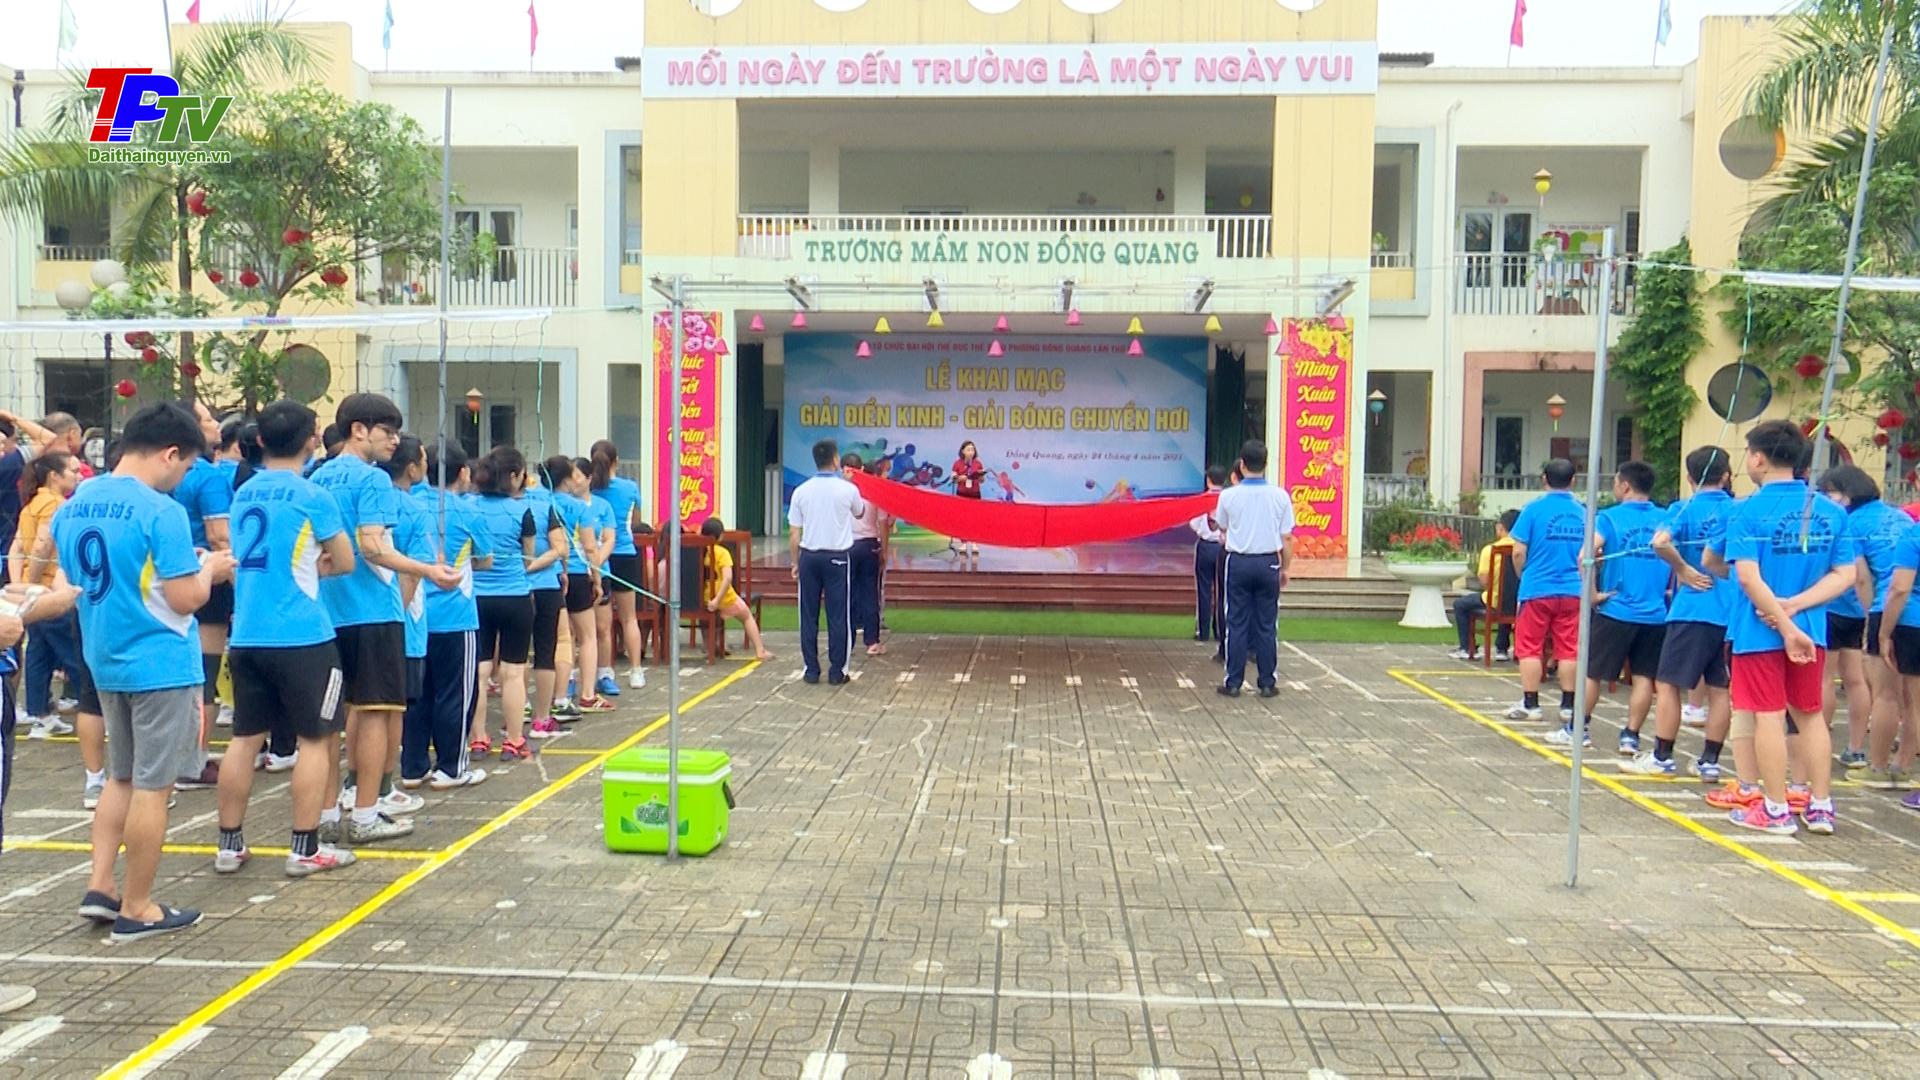 Phường Đồng Quang khai mạc Giải Bóng chuyền hơi, giải Điền kinh.